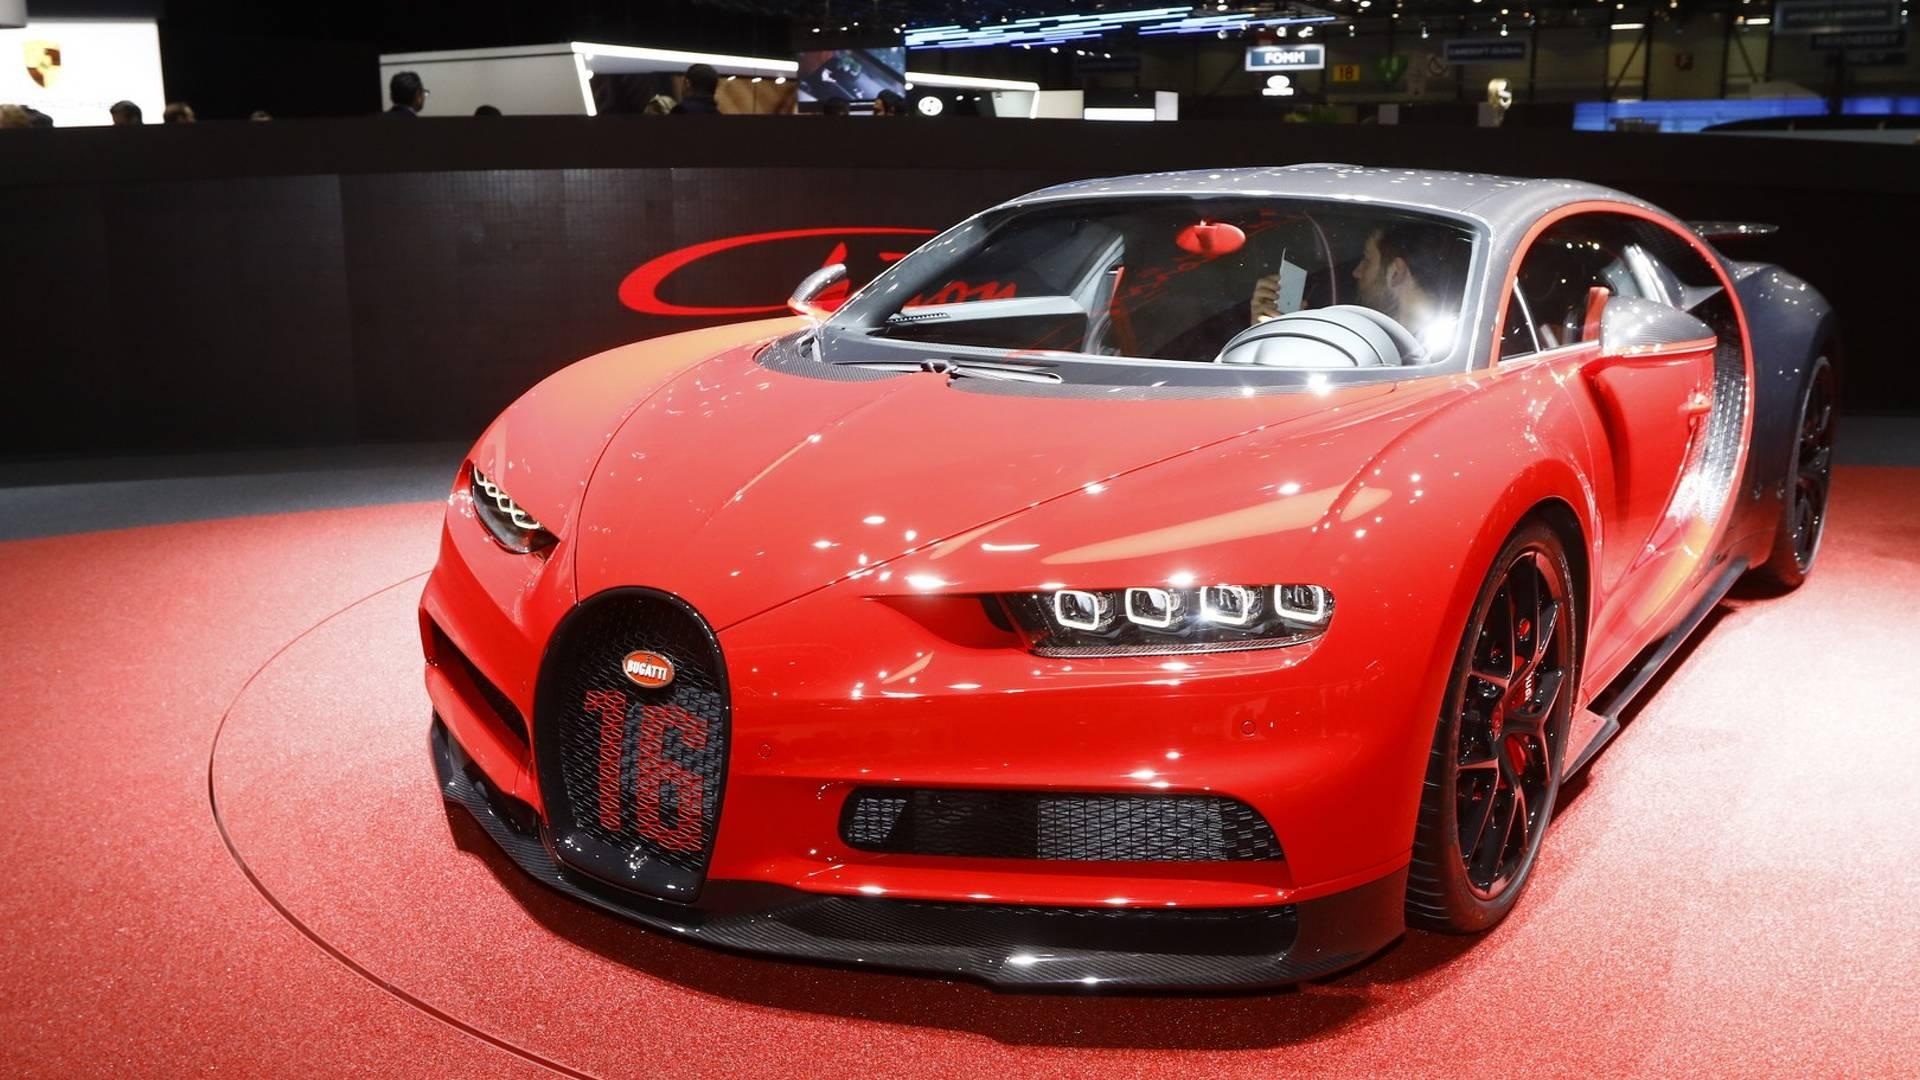 Bugatti Boss Confirms Future Projects Are Underway